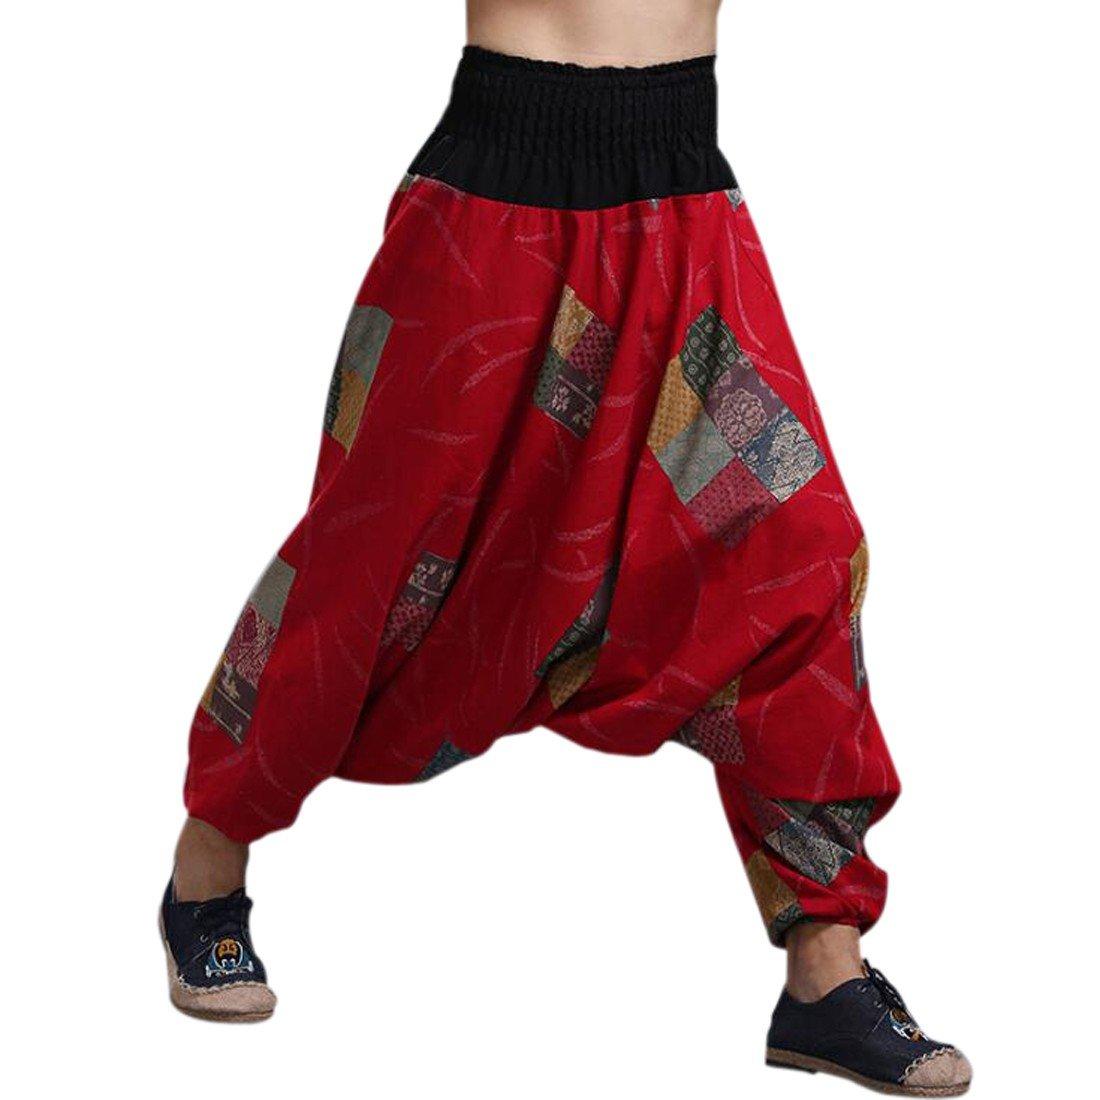 QIYUN.Z Pantalones De Estilo Hippie De Los Hombres De La Vendimia Del Estilo Nacional Pantalones Holgados Bombachos Ocasionales Del… cTlGM